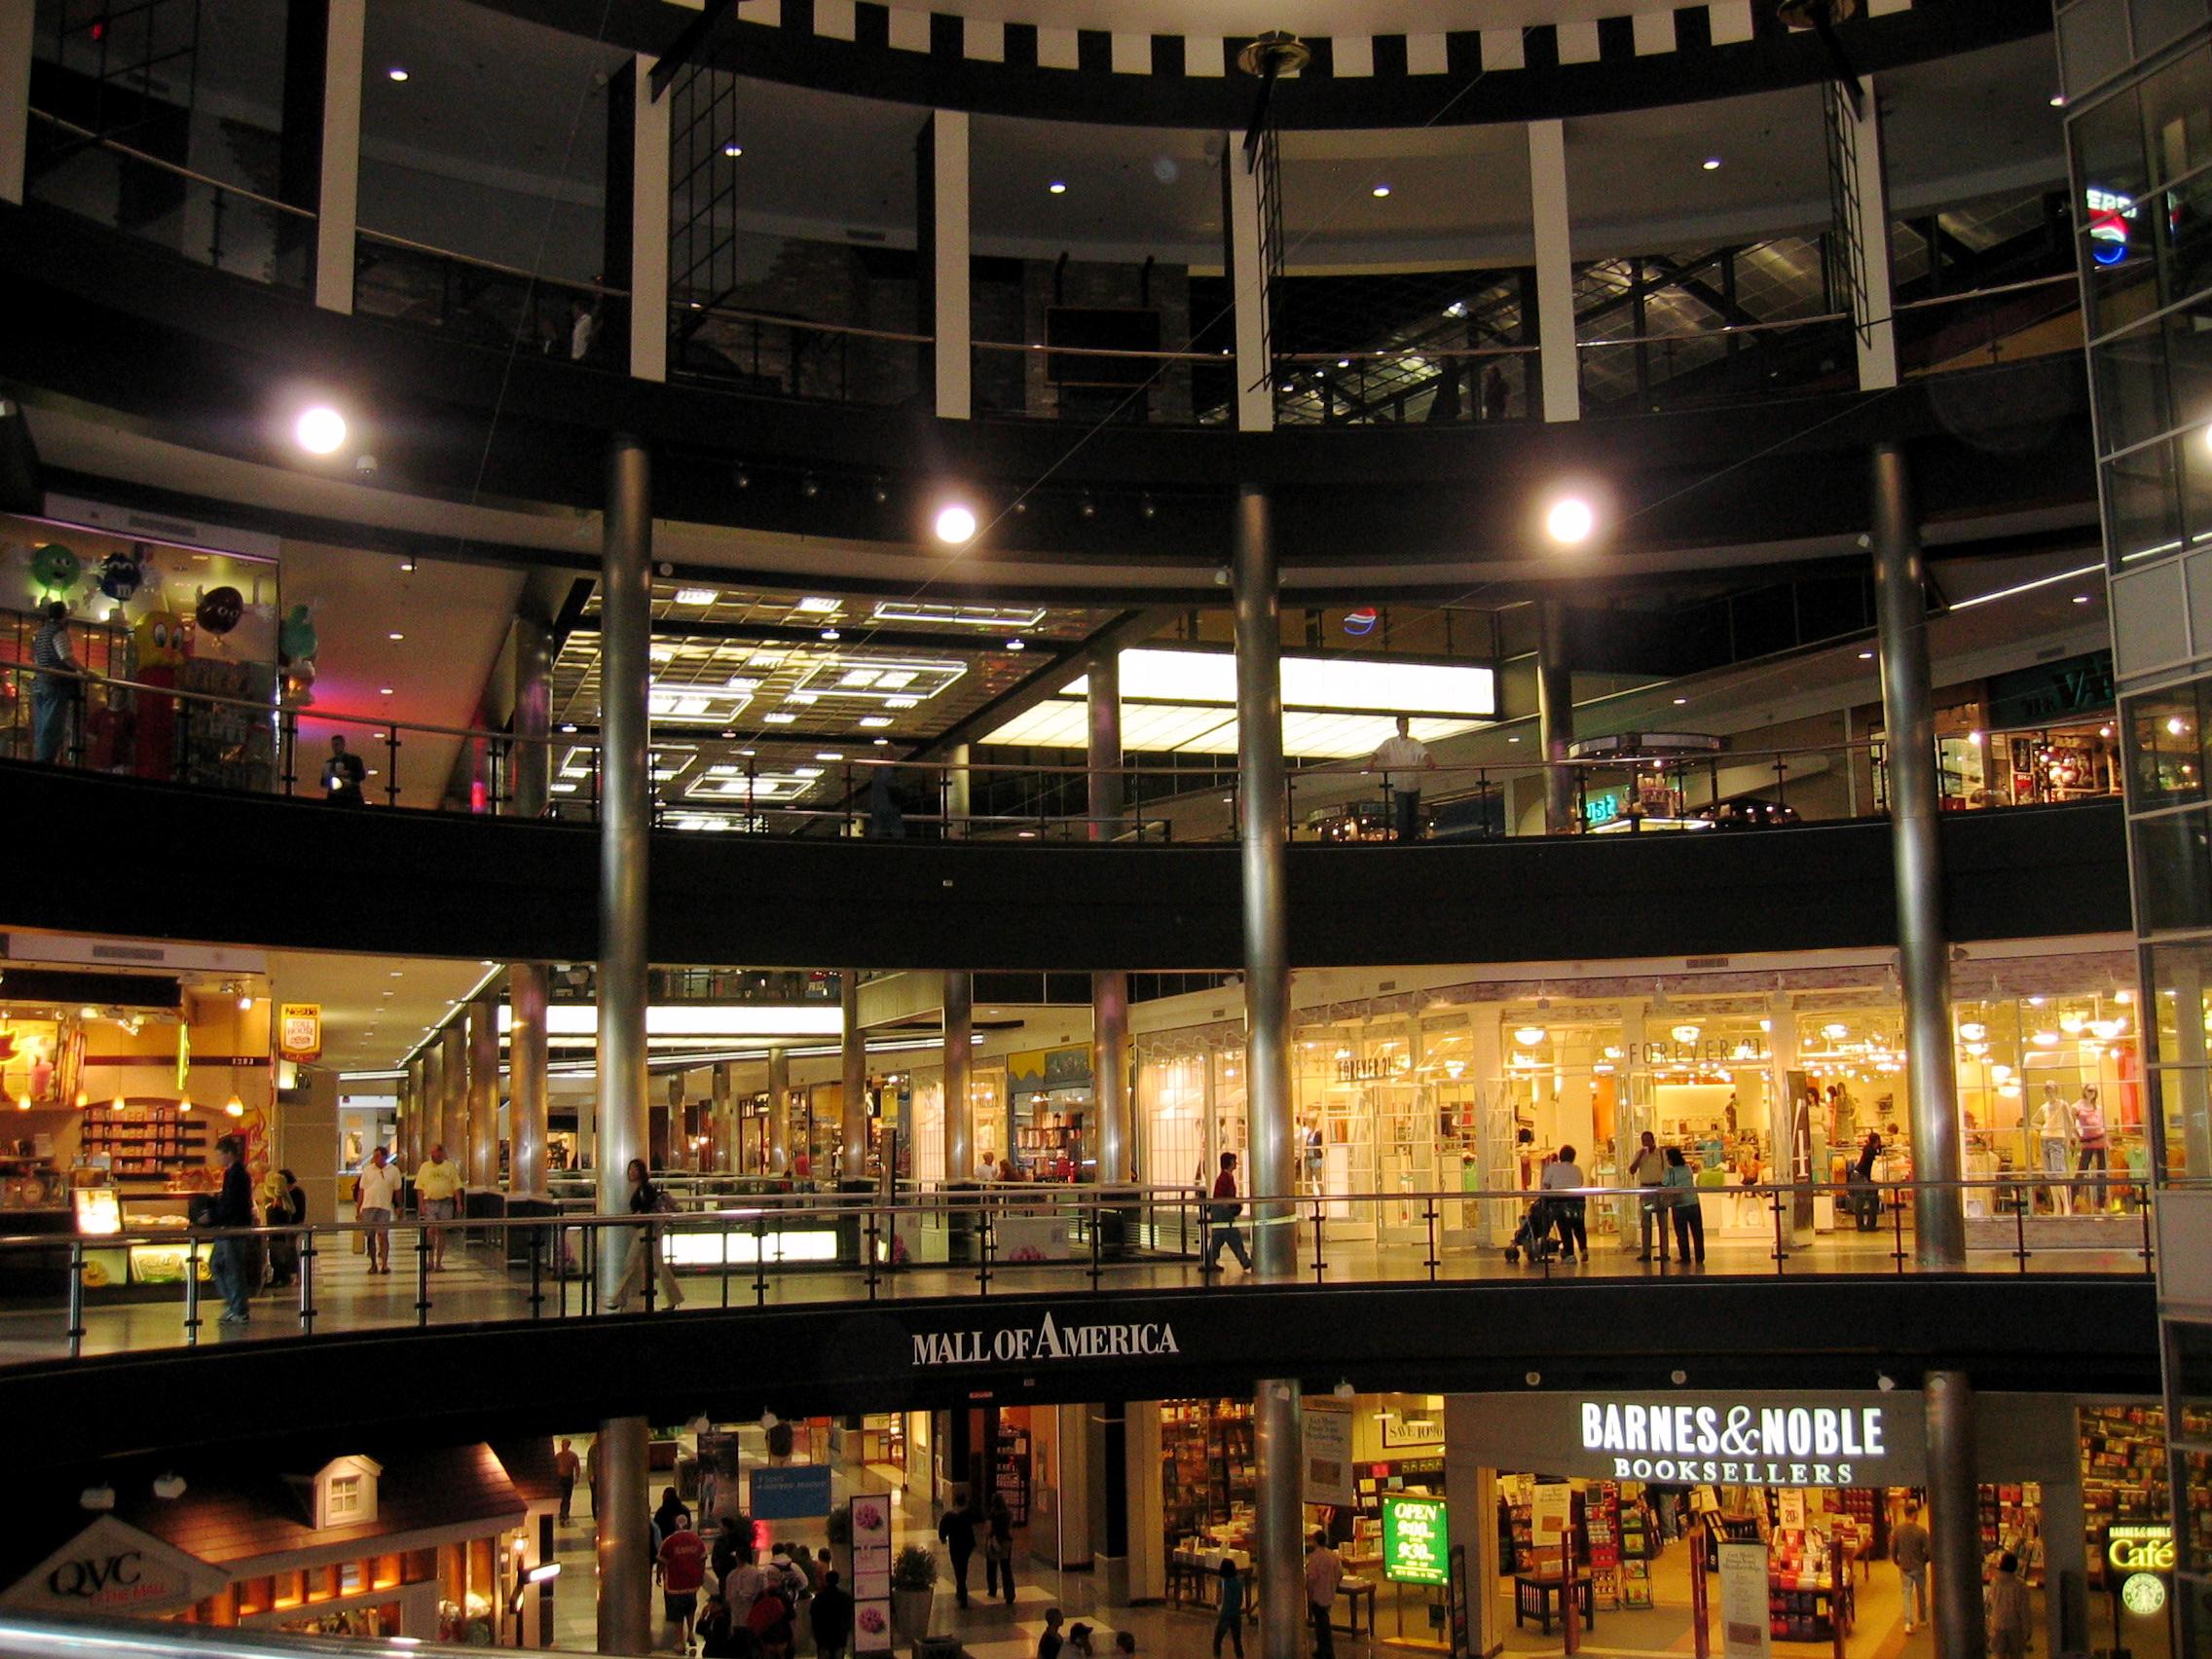 mall of america Más de 250 tiendas y marcas con descuento hacen que dolphin mall sea uno de los centros comerciales más populares de miami conócelo.